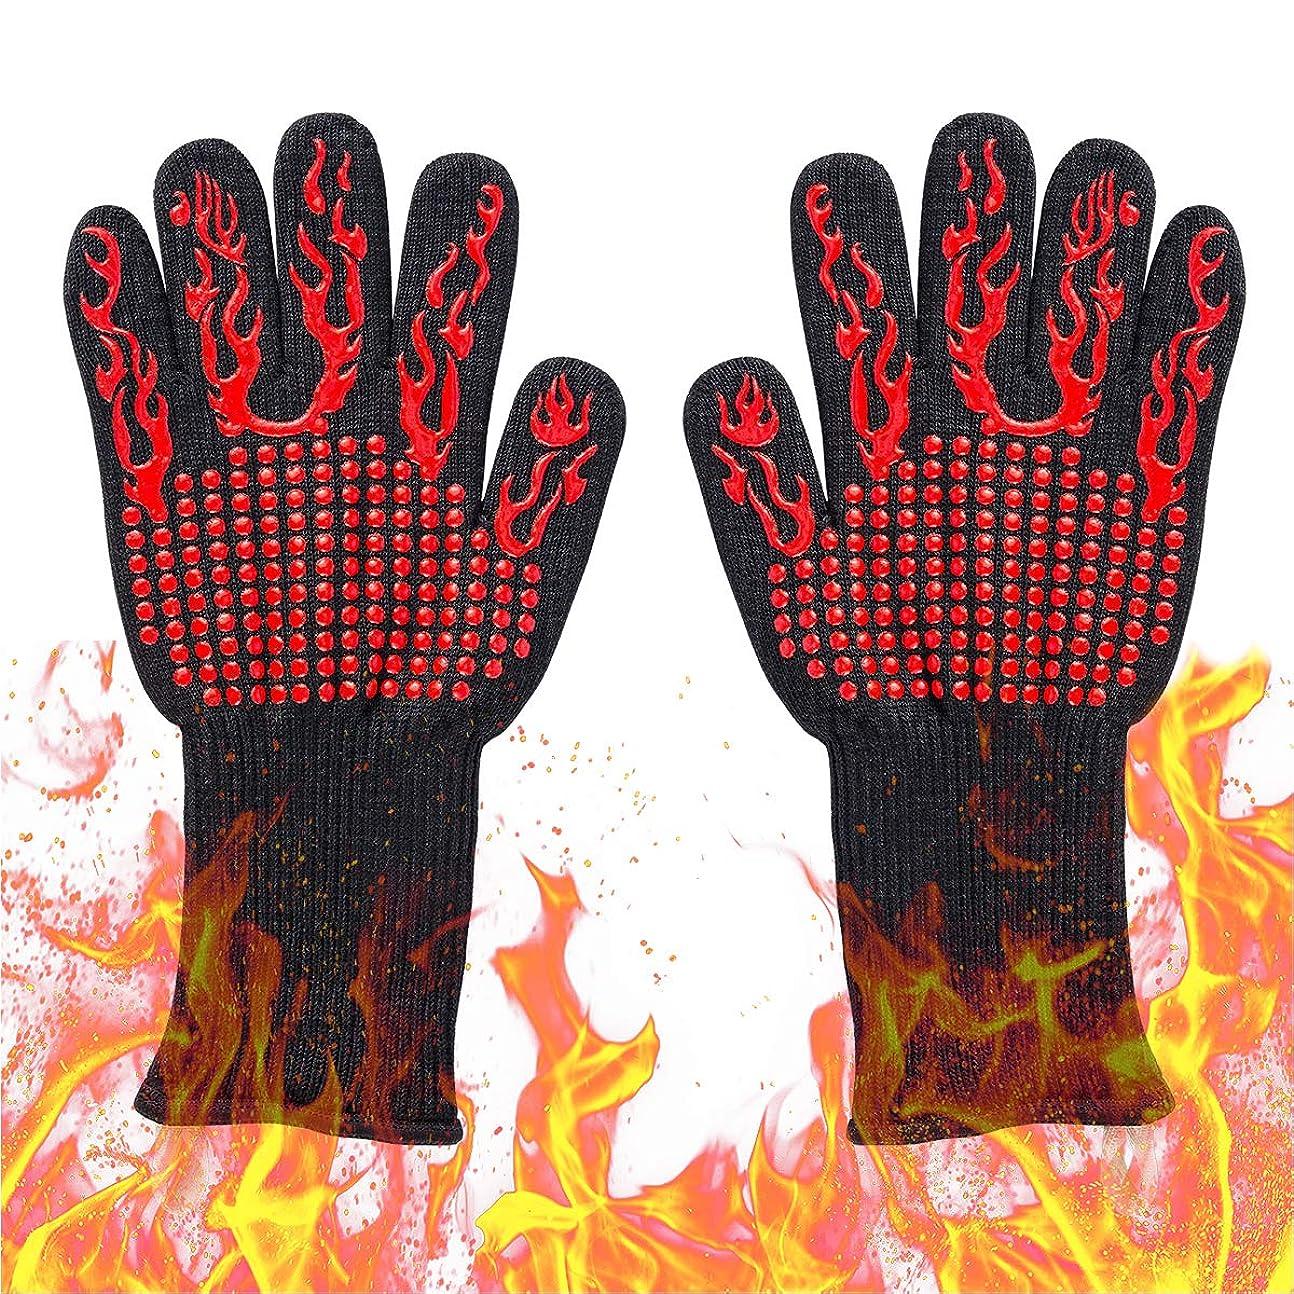 キャベツびん穏やかなPAMASE 耐熱グローブ キャンプ バーベキューグローブ 手袋 クッキンググローブ 耐熱温度800℃ 滑り止め 両手兼用 鍋掴み 料理用手袋 調理道具 BBQ/電子レンジ/オーブンに最適 2枚セット